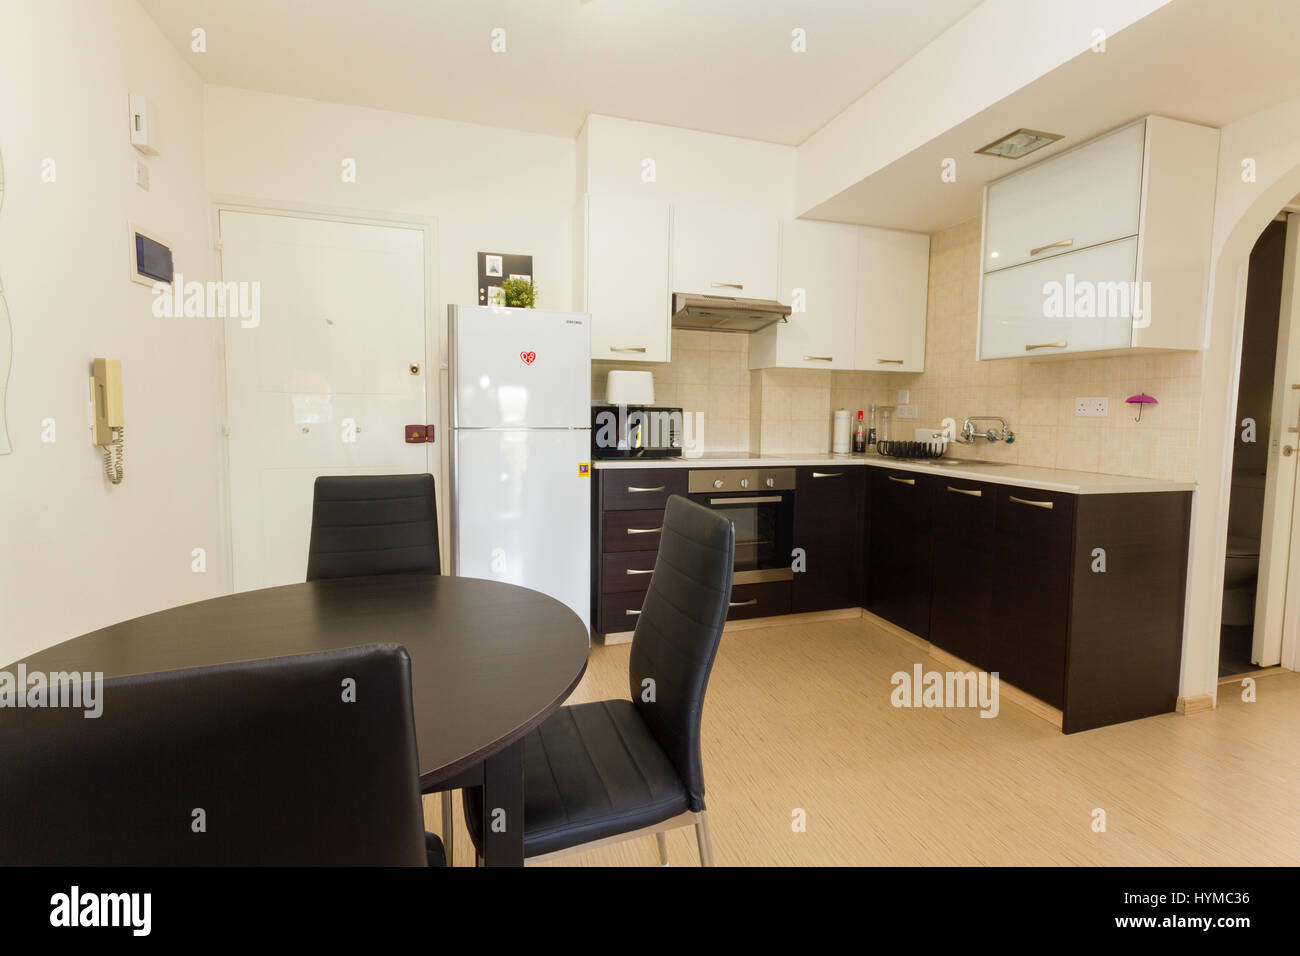 Cocina moderna en colores blanco y Wengué con mesa, sillas, electrodomésticos y bancos Imagen De Stock